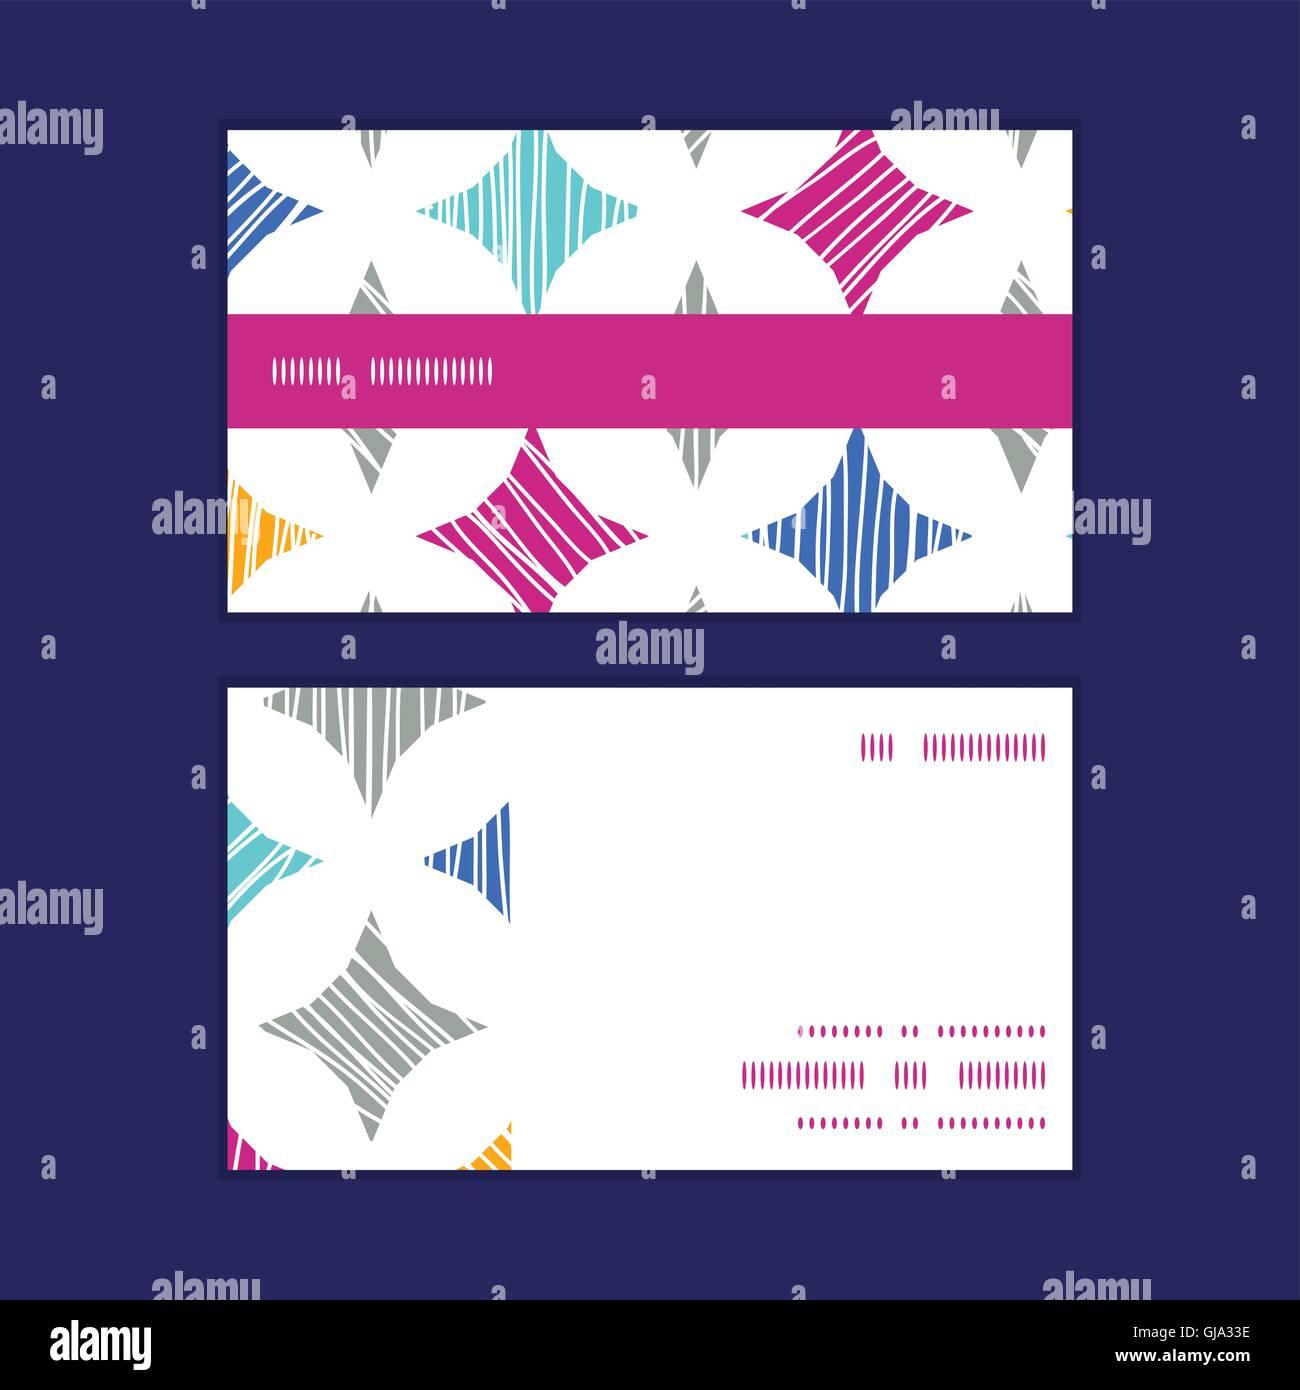 legen sie vektor bunte strukturierten marmorfliesen horizontalen streifen rahmen muster visitenkarten - Muster Visitenkarten